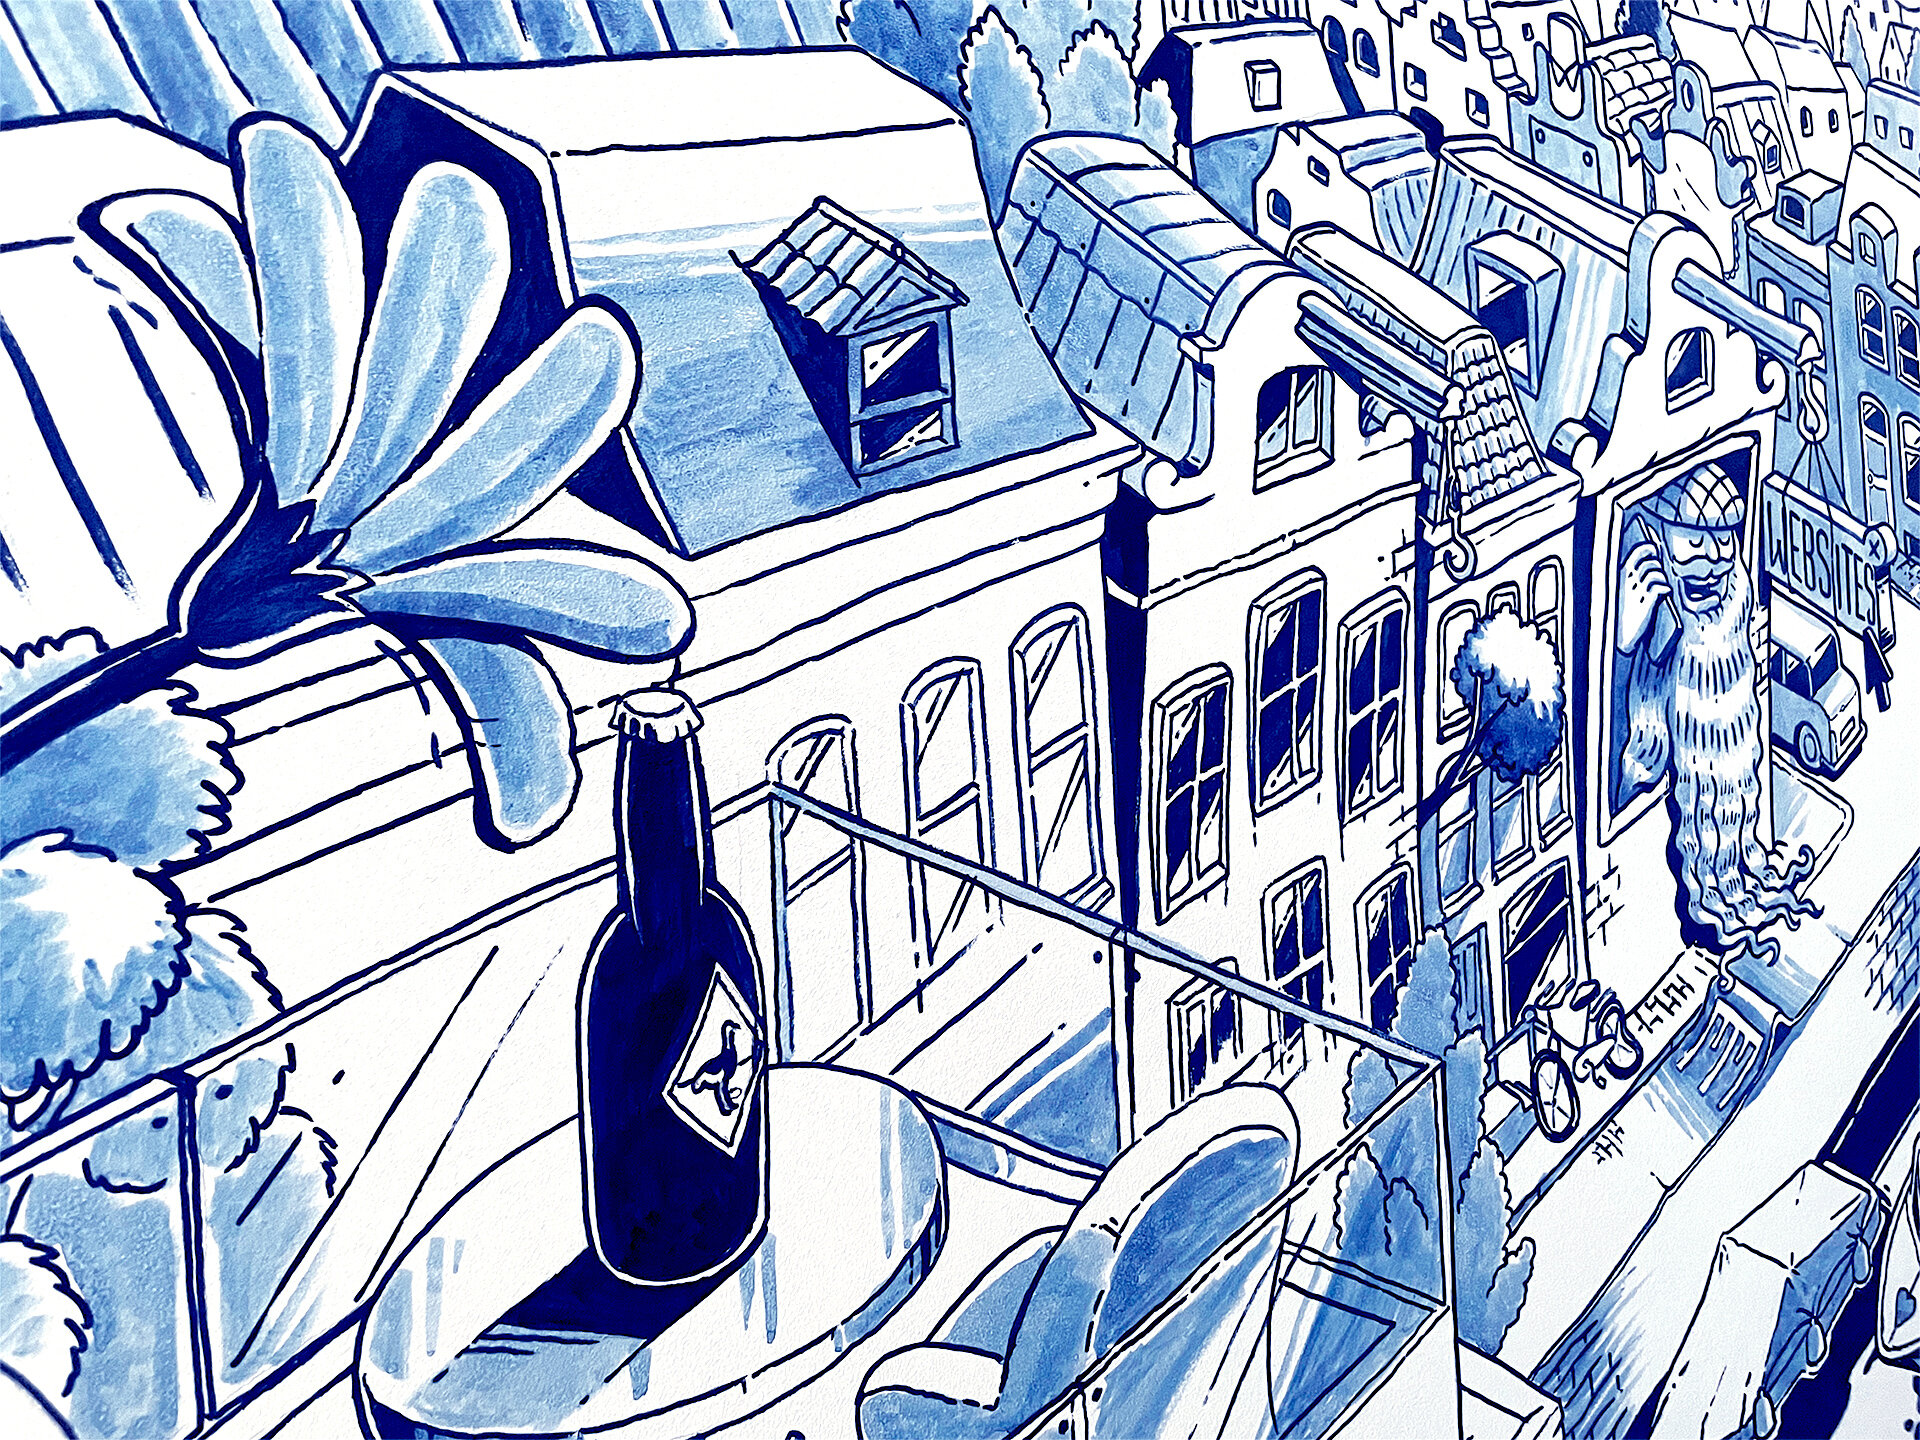 amsterdam_mural_closeup_12.jpg